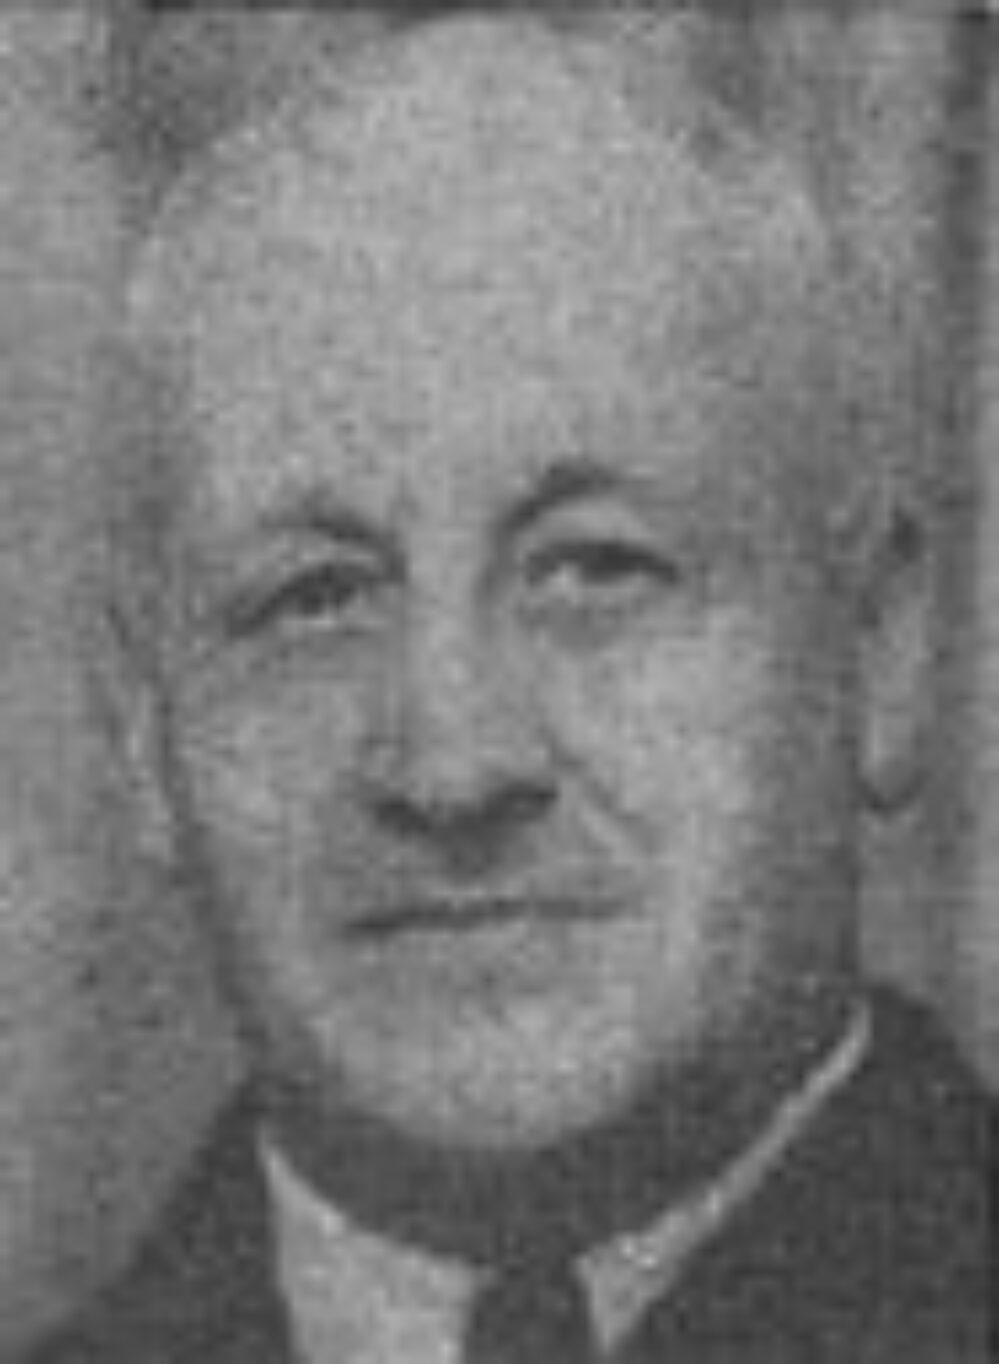 Harald Oskar Martin Pettersen